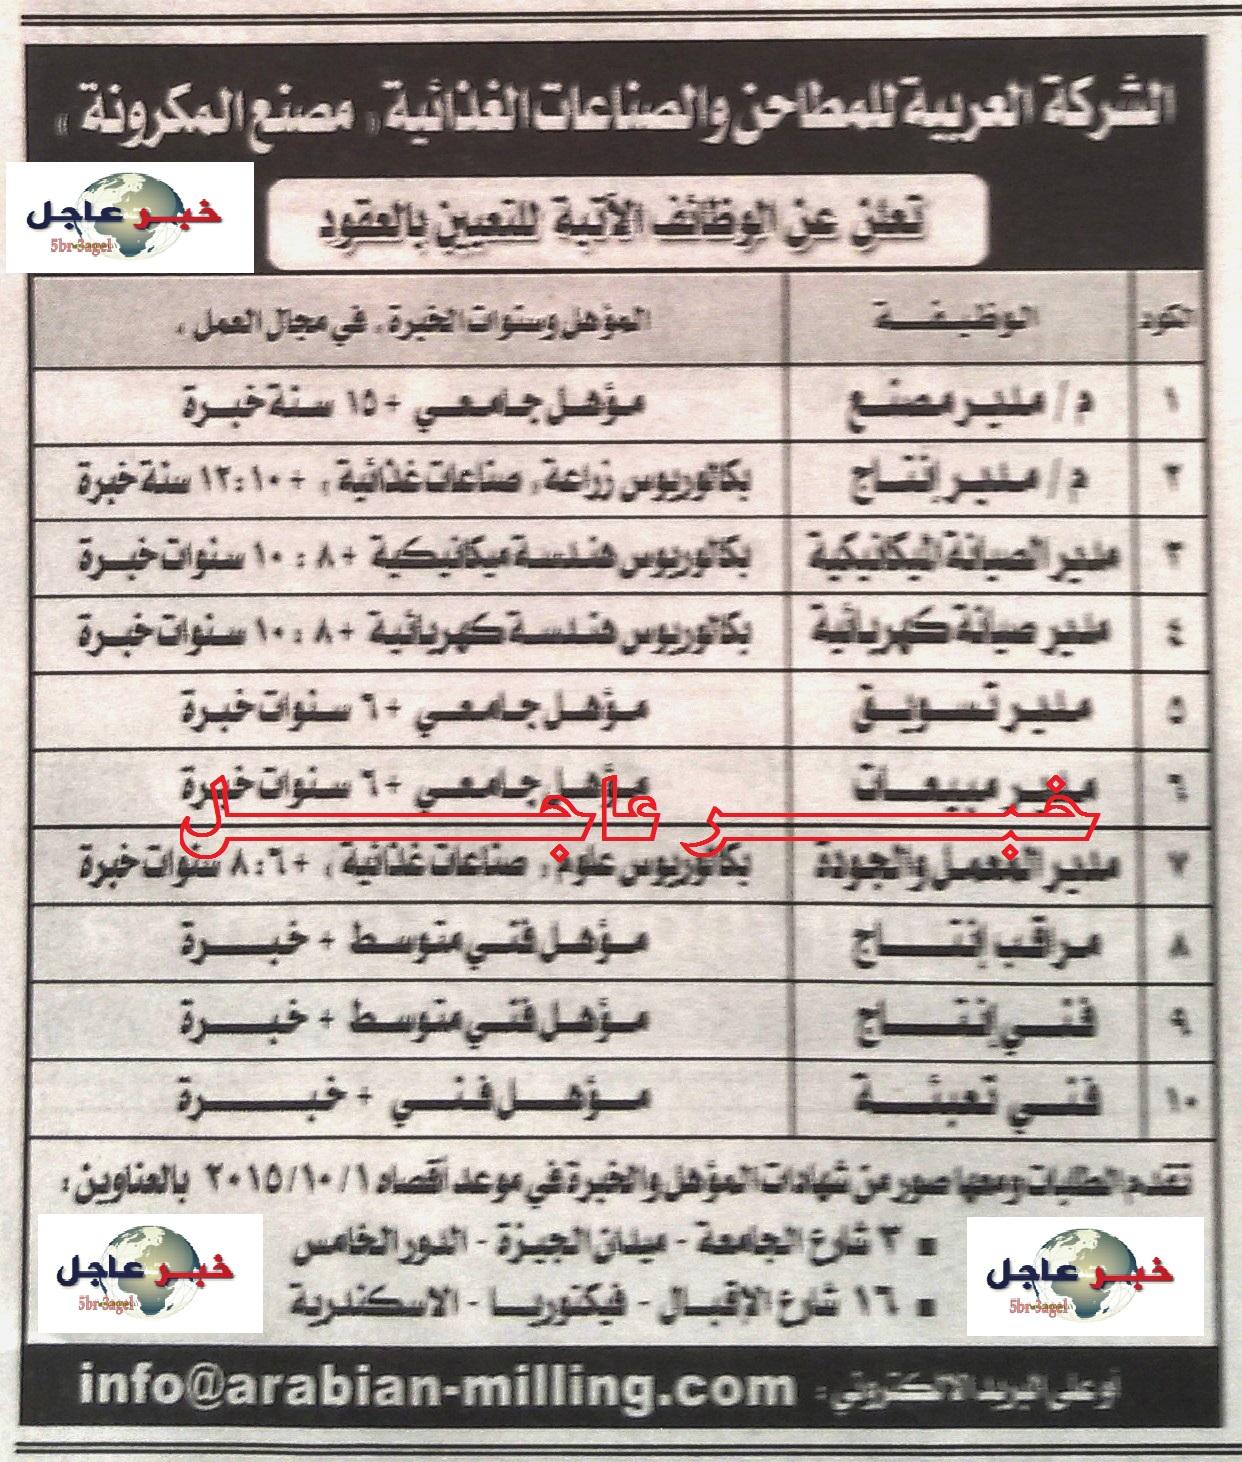 وظائف الشركة العربية للمطاحن لهندسة وعلوم وزراعة واى مؤهل جامعى والدبلومات 4 / 9 / 2015